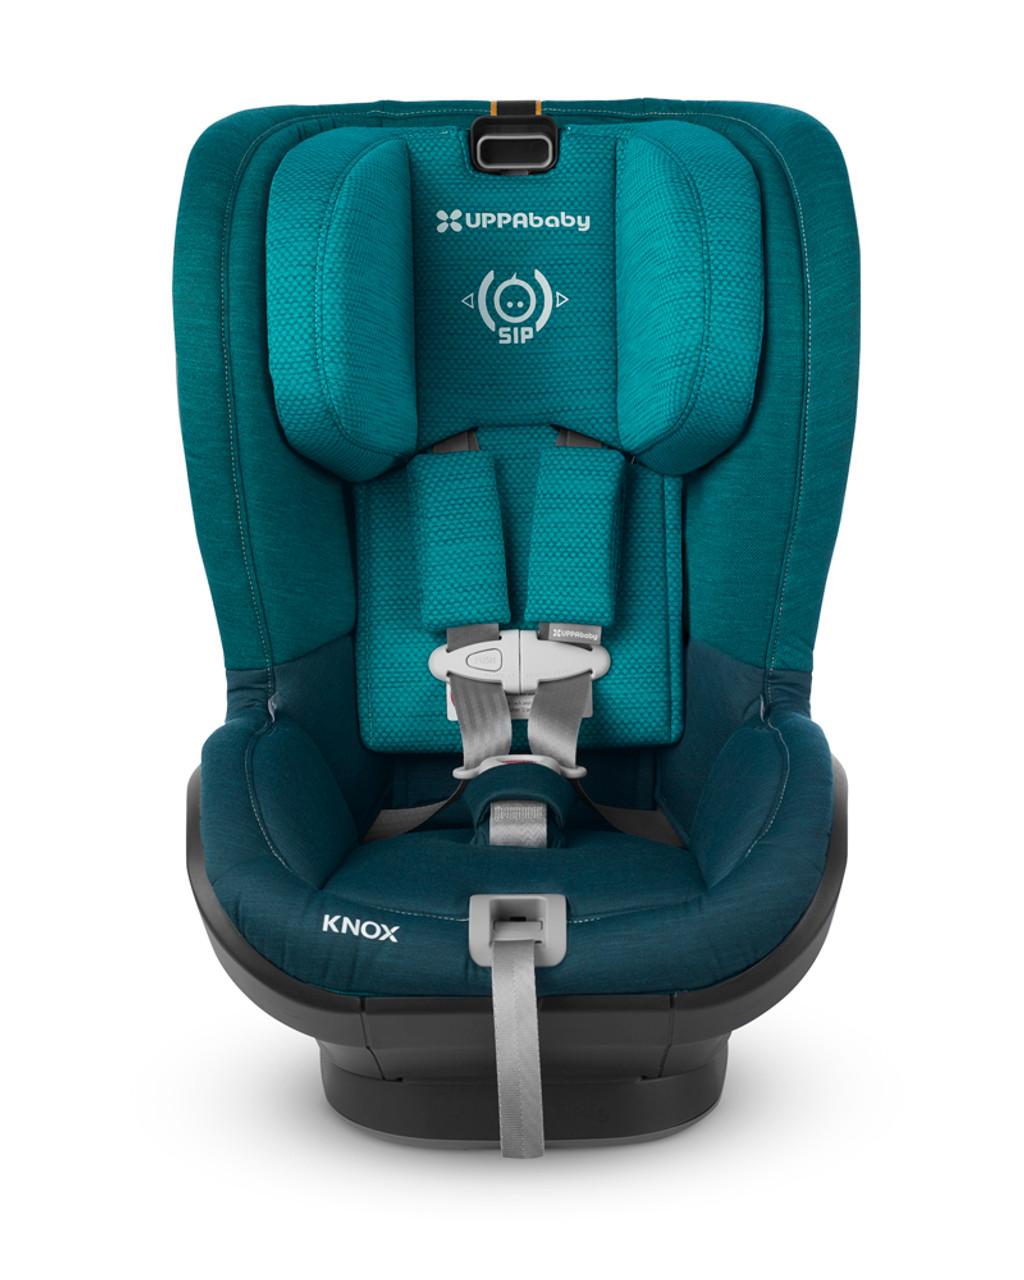 Next Previous 2019 UPPAbaby Knox Convertible Car Seat